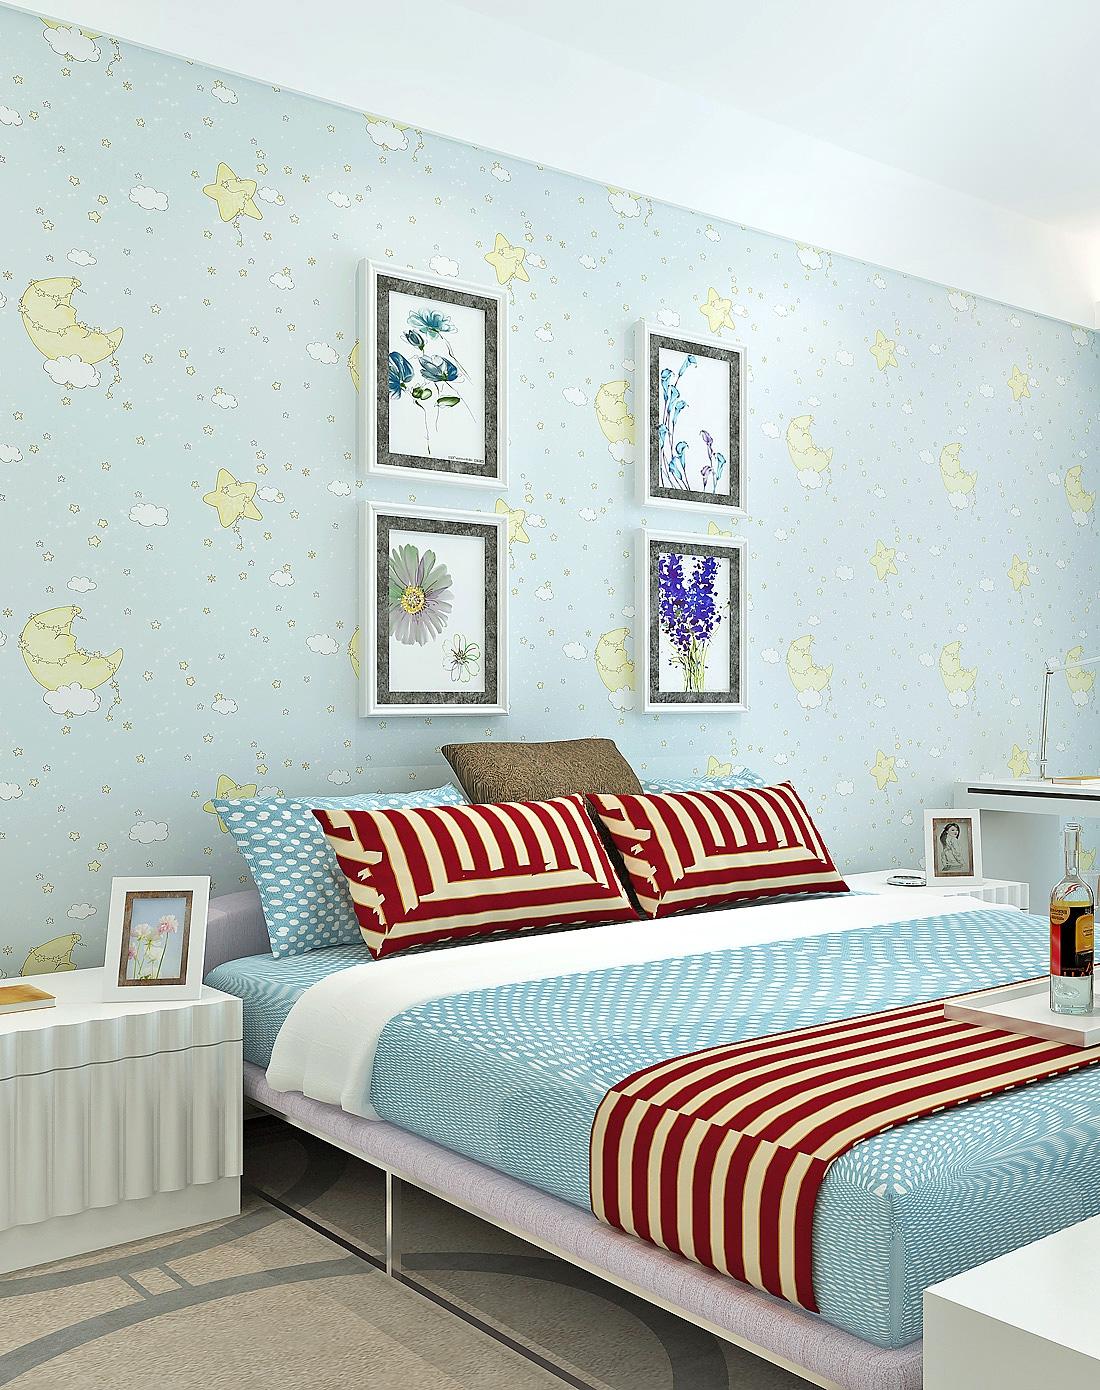 纸尚美学墙纸专场淡蓝色卡通梦幻星星月亮无纺布墙纸